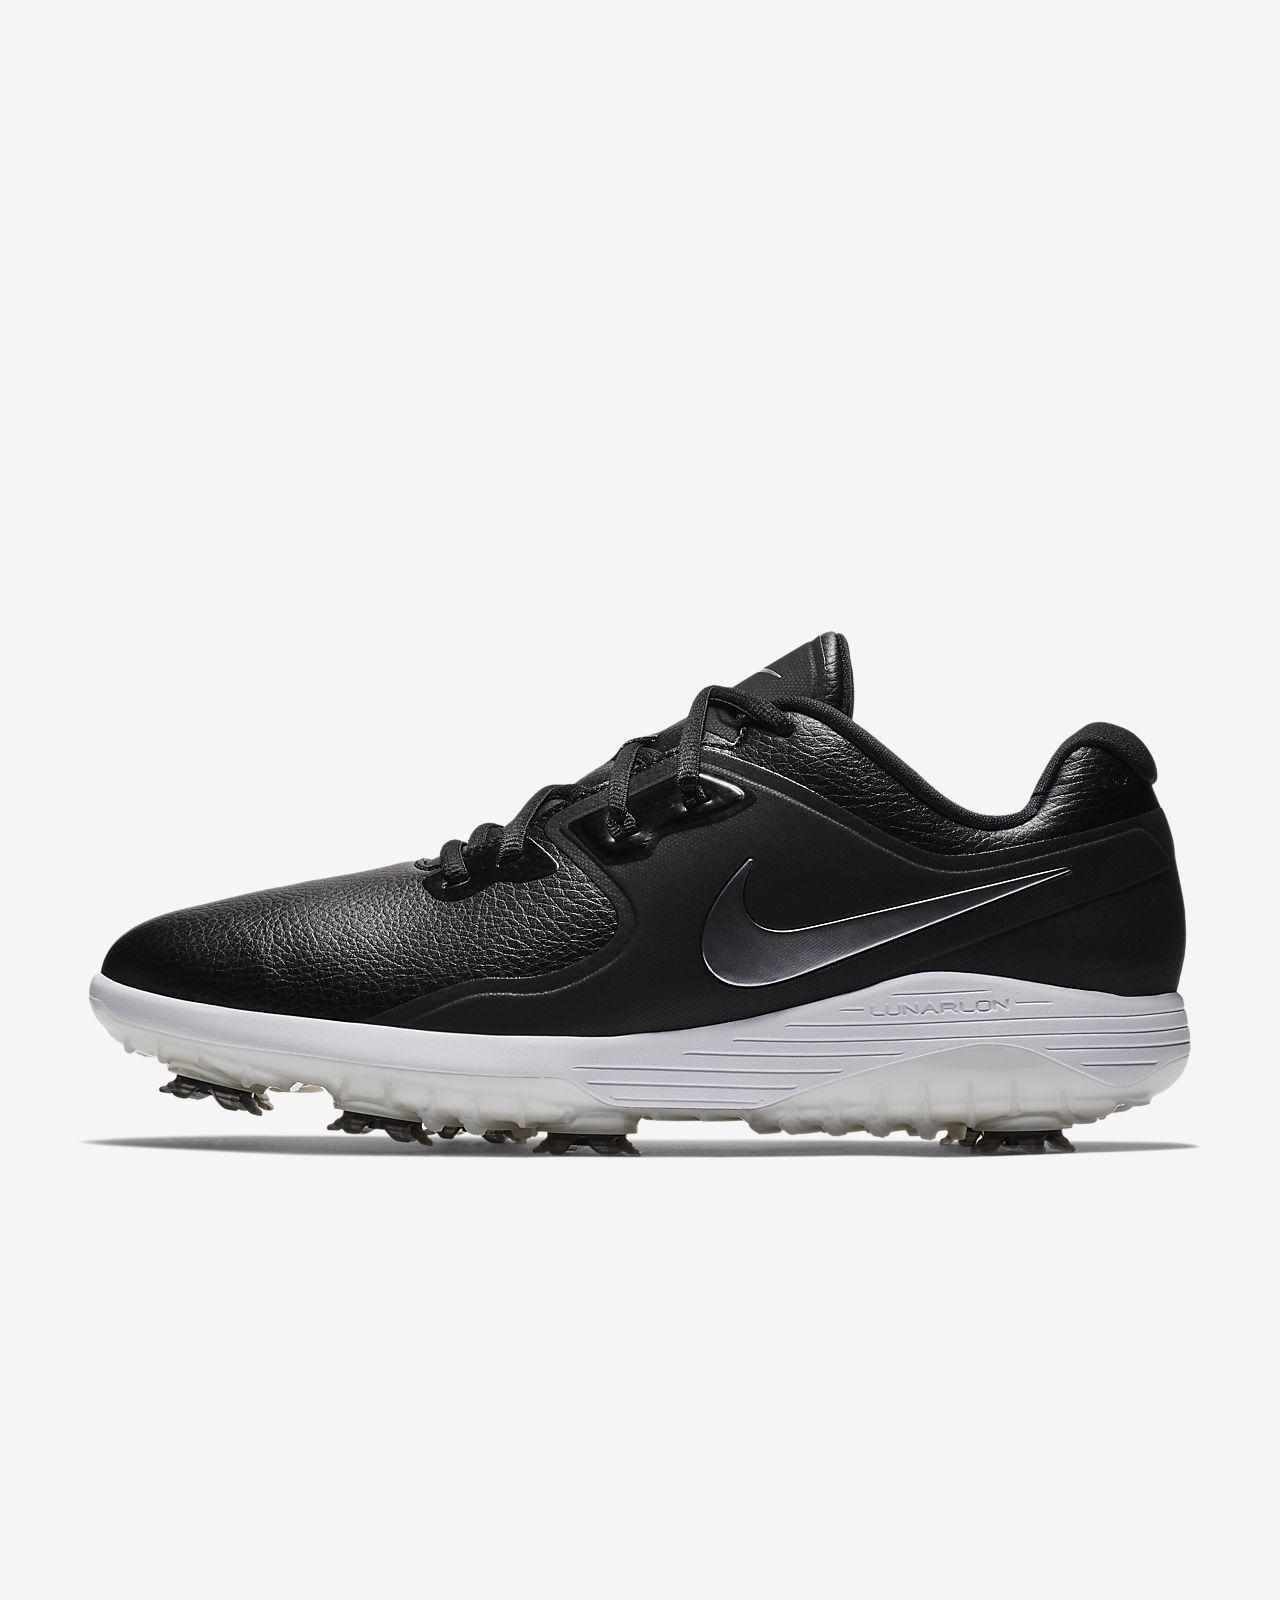 buy popular 47c0a 842b7 ... Golfsko Nike Vapor Pro för män